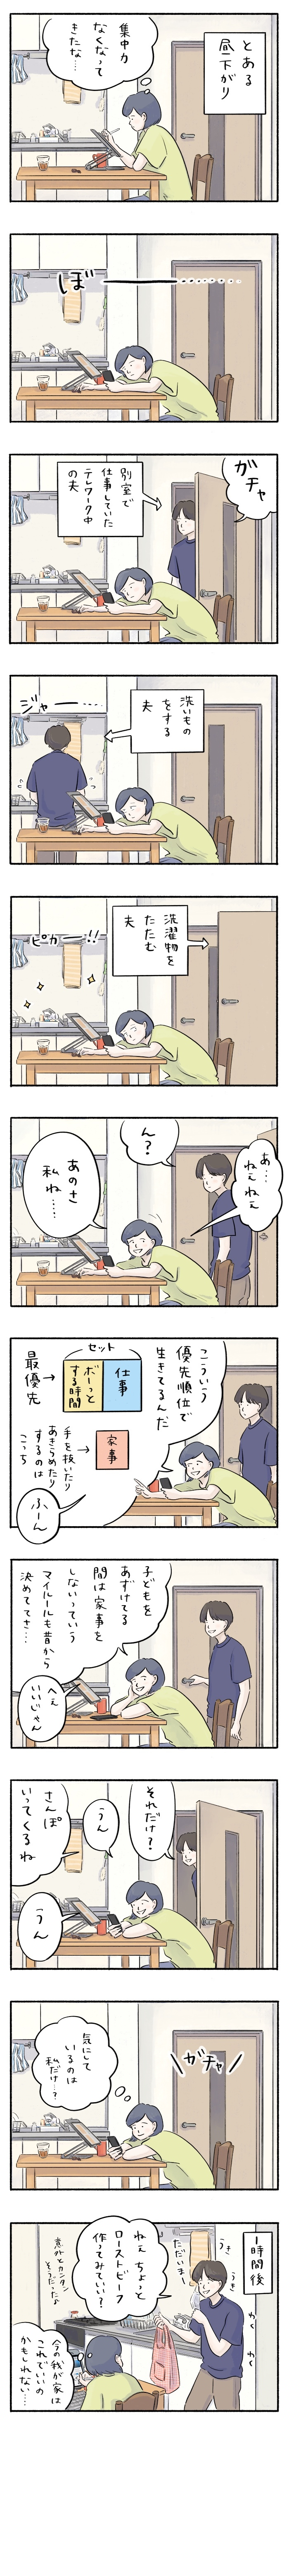 夫婦で在宅勤務になって気付いた…!我が家の「心地よい家事分担バランス」の話の画像1